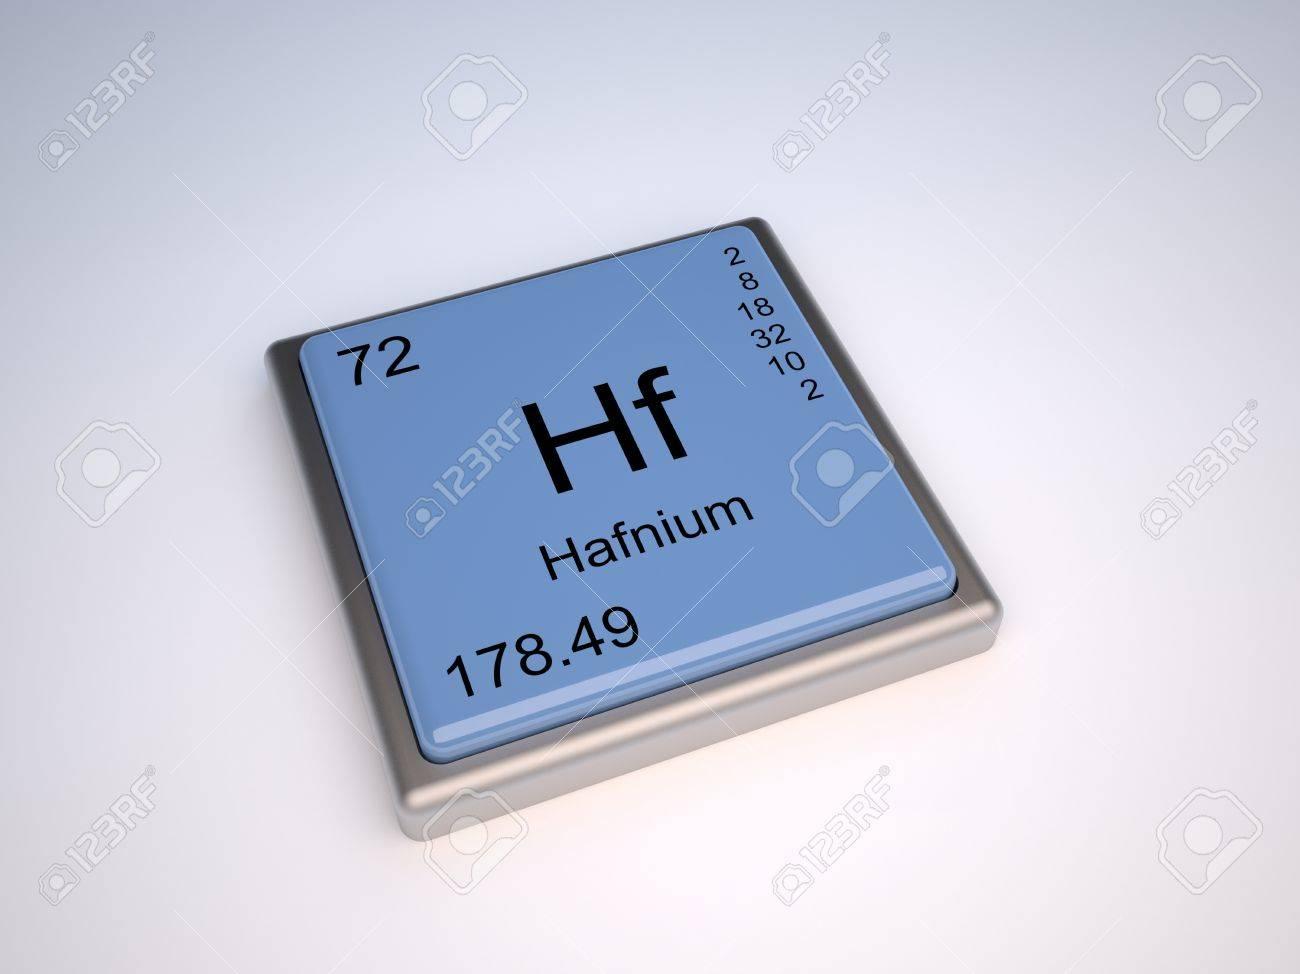 Hafnium periodic table gallery periodic table images hafnium chemical element of the periodic table with symbol hf hafnium chemical element of the periodic gamestrikefo Images